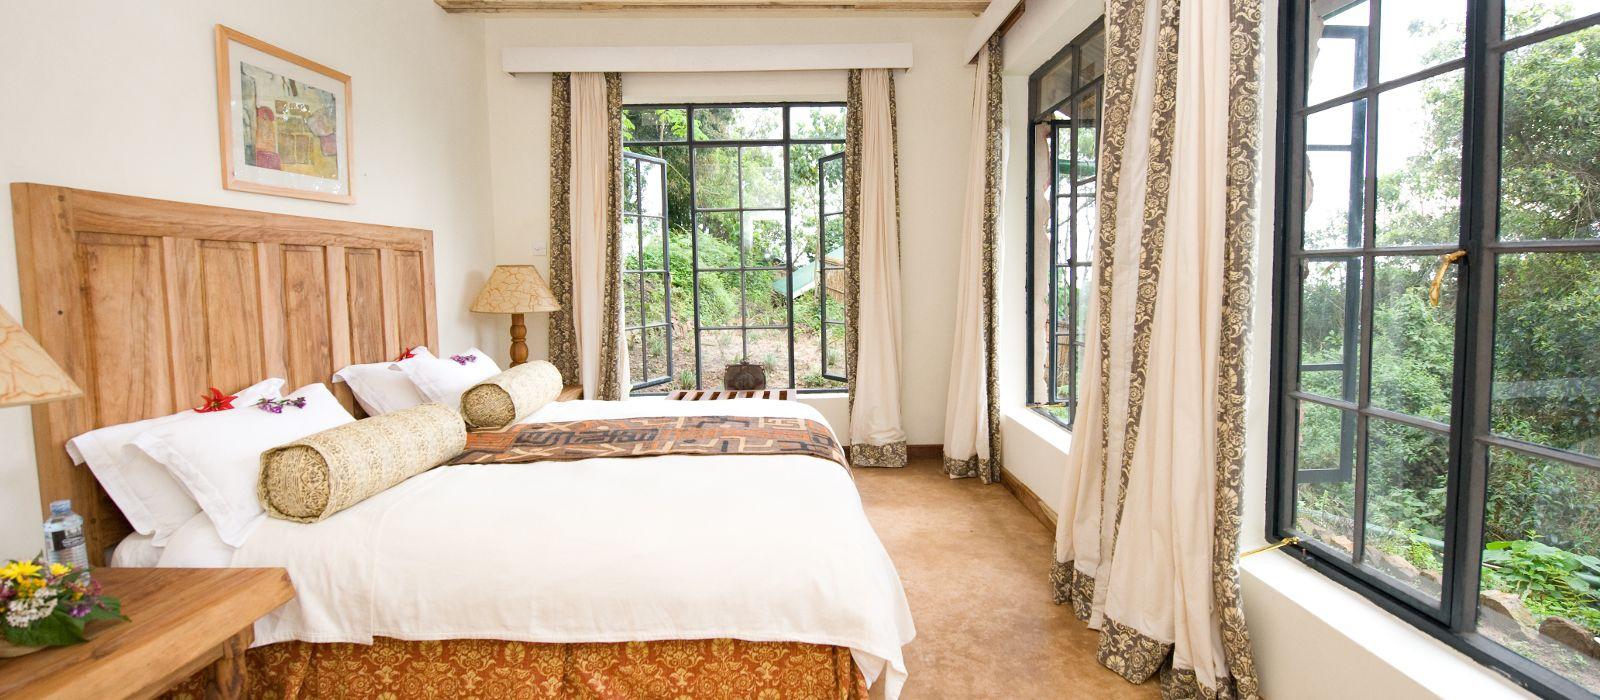 Hotel Clouds Estate South Africa